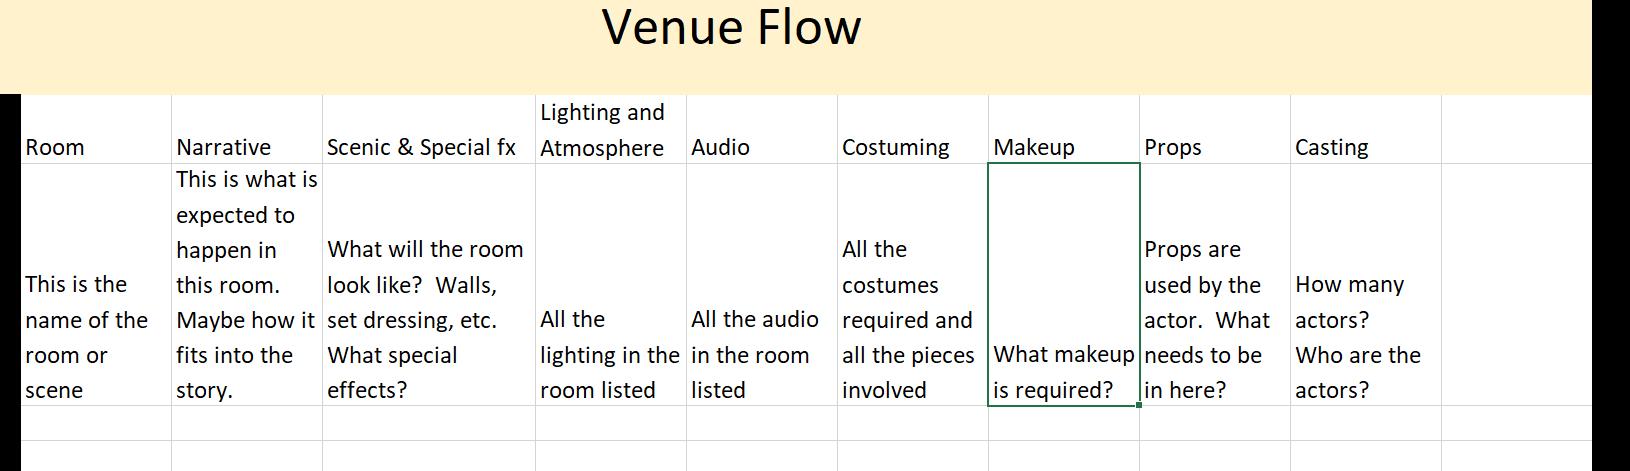 Name:  venue flow image.PNG Views: 34 Size:  43.8 KB